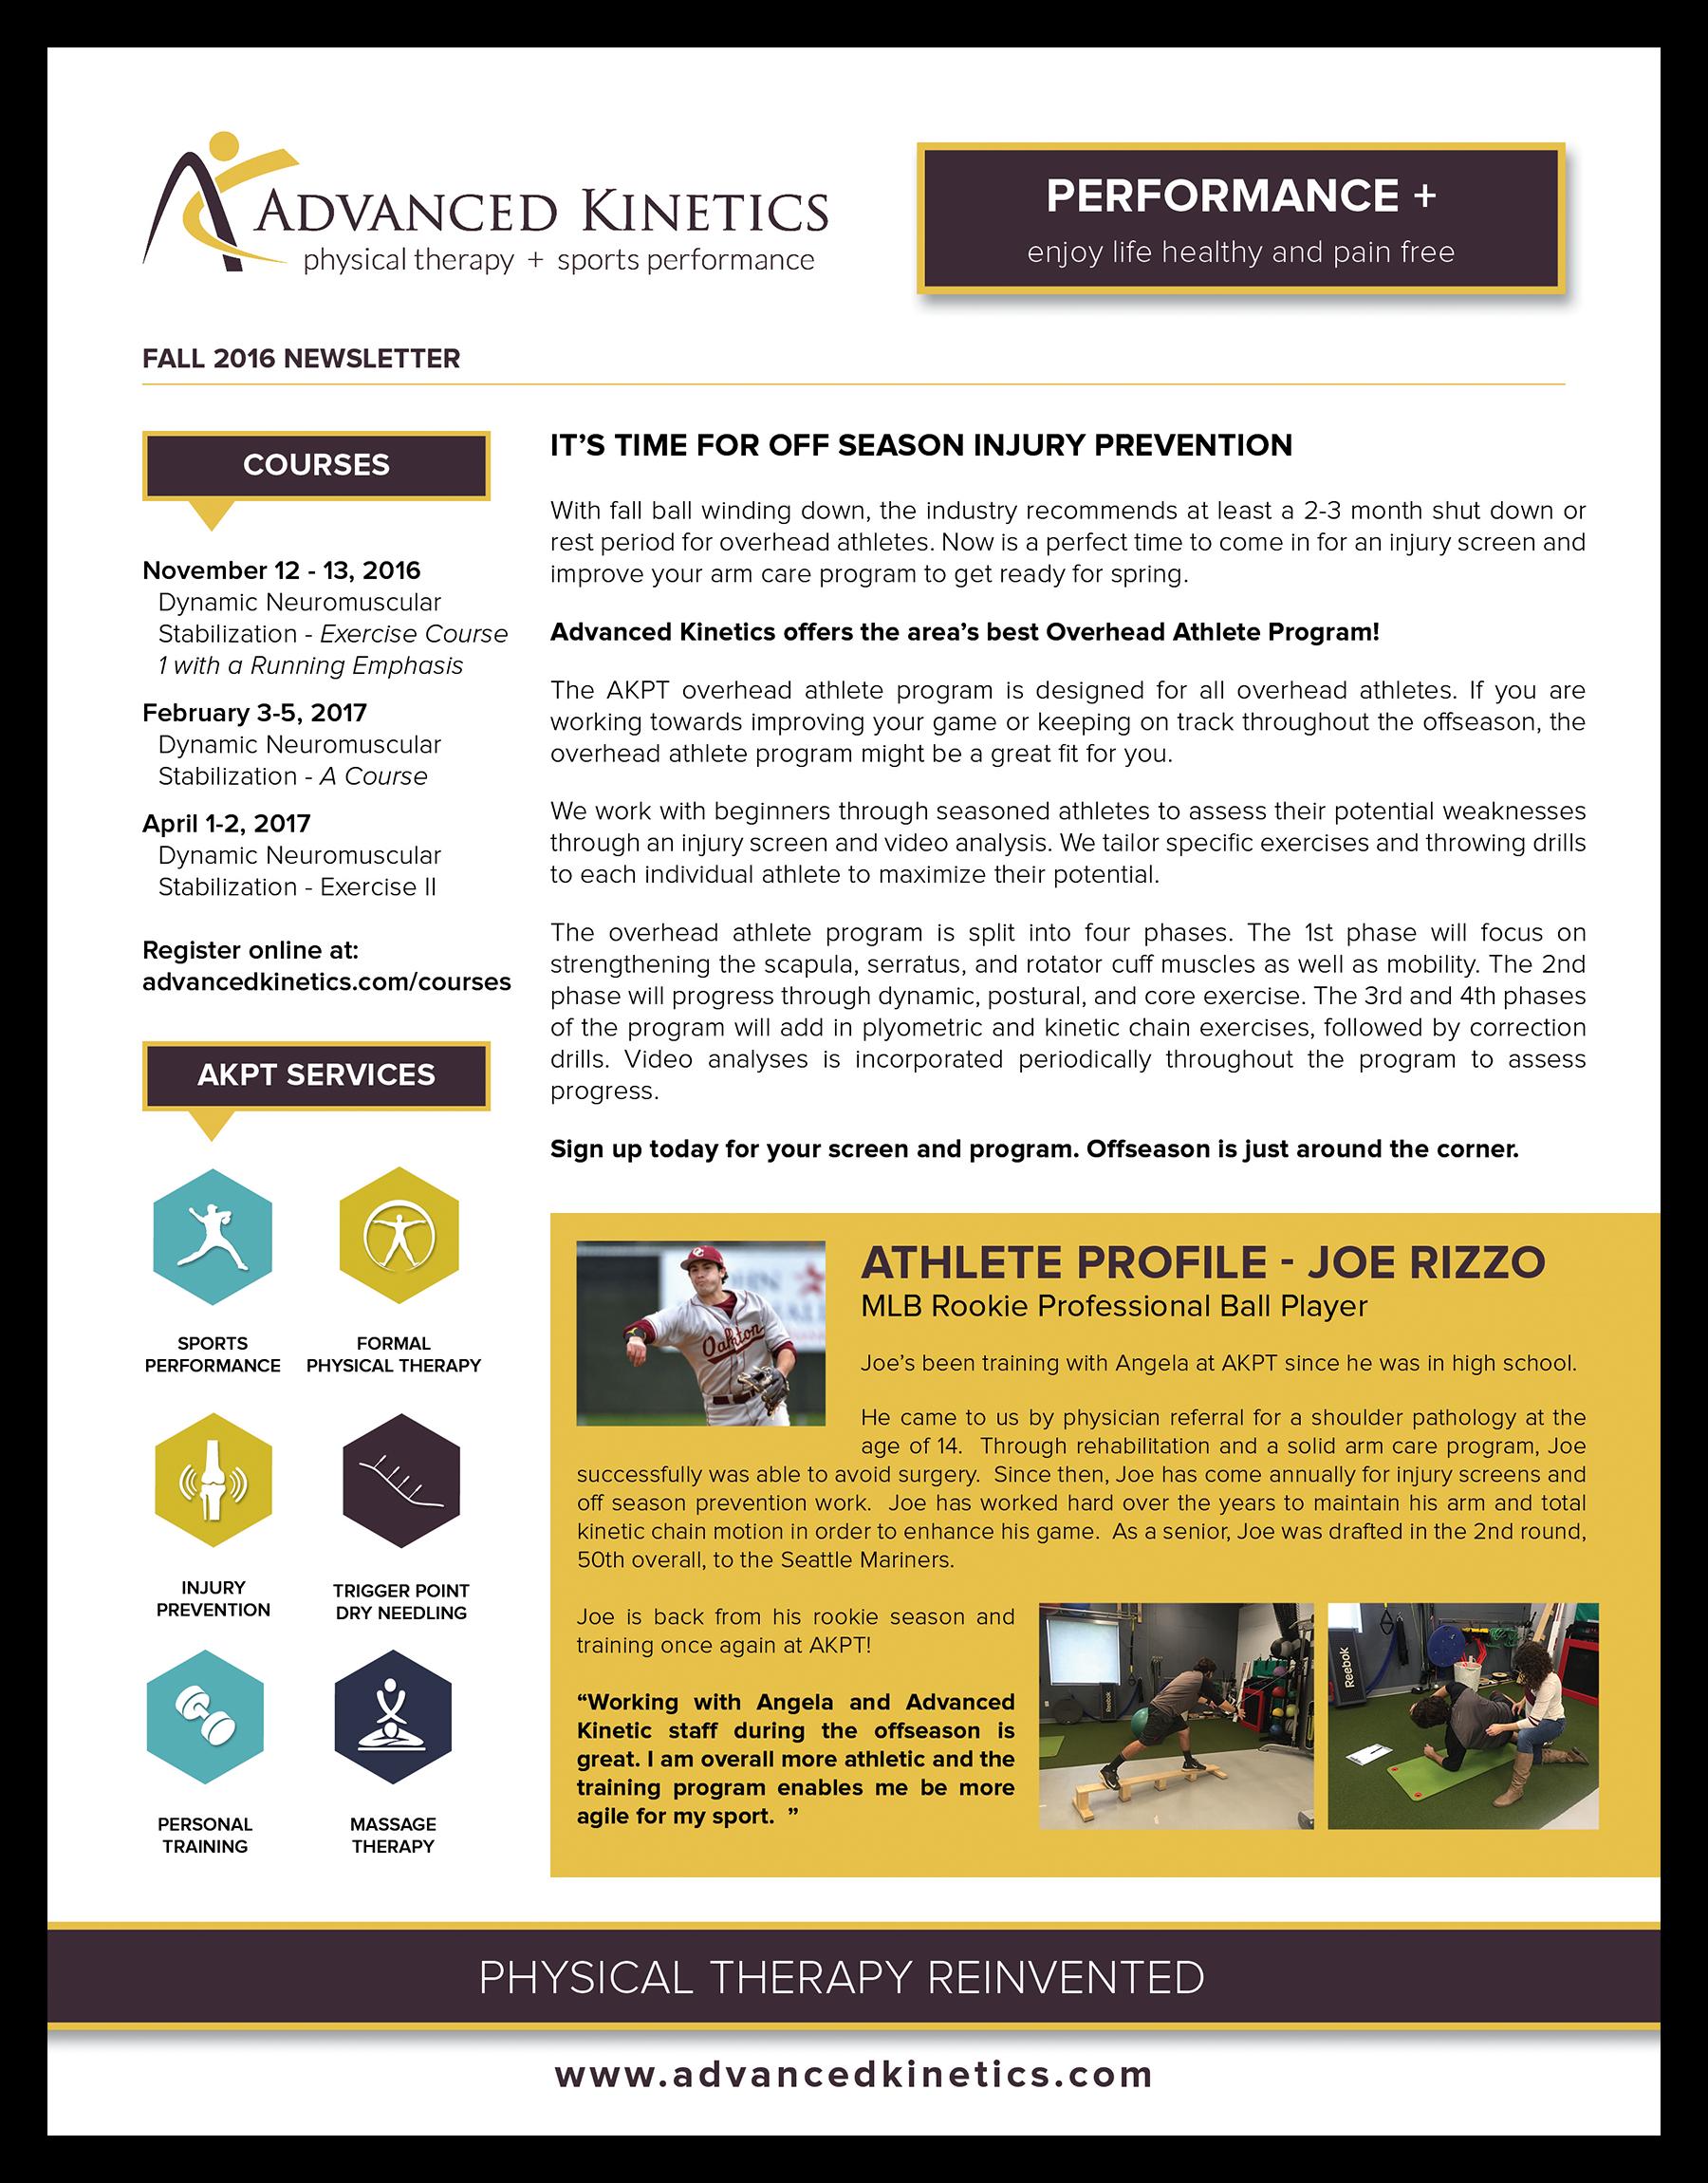 ak_newsletter_fall_2016_template